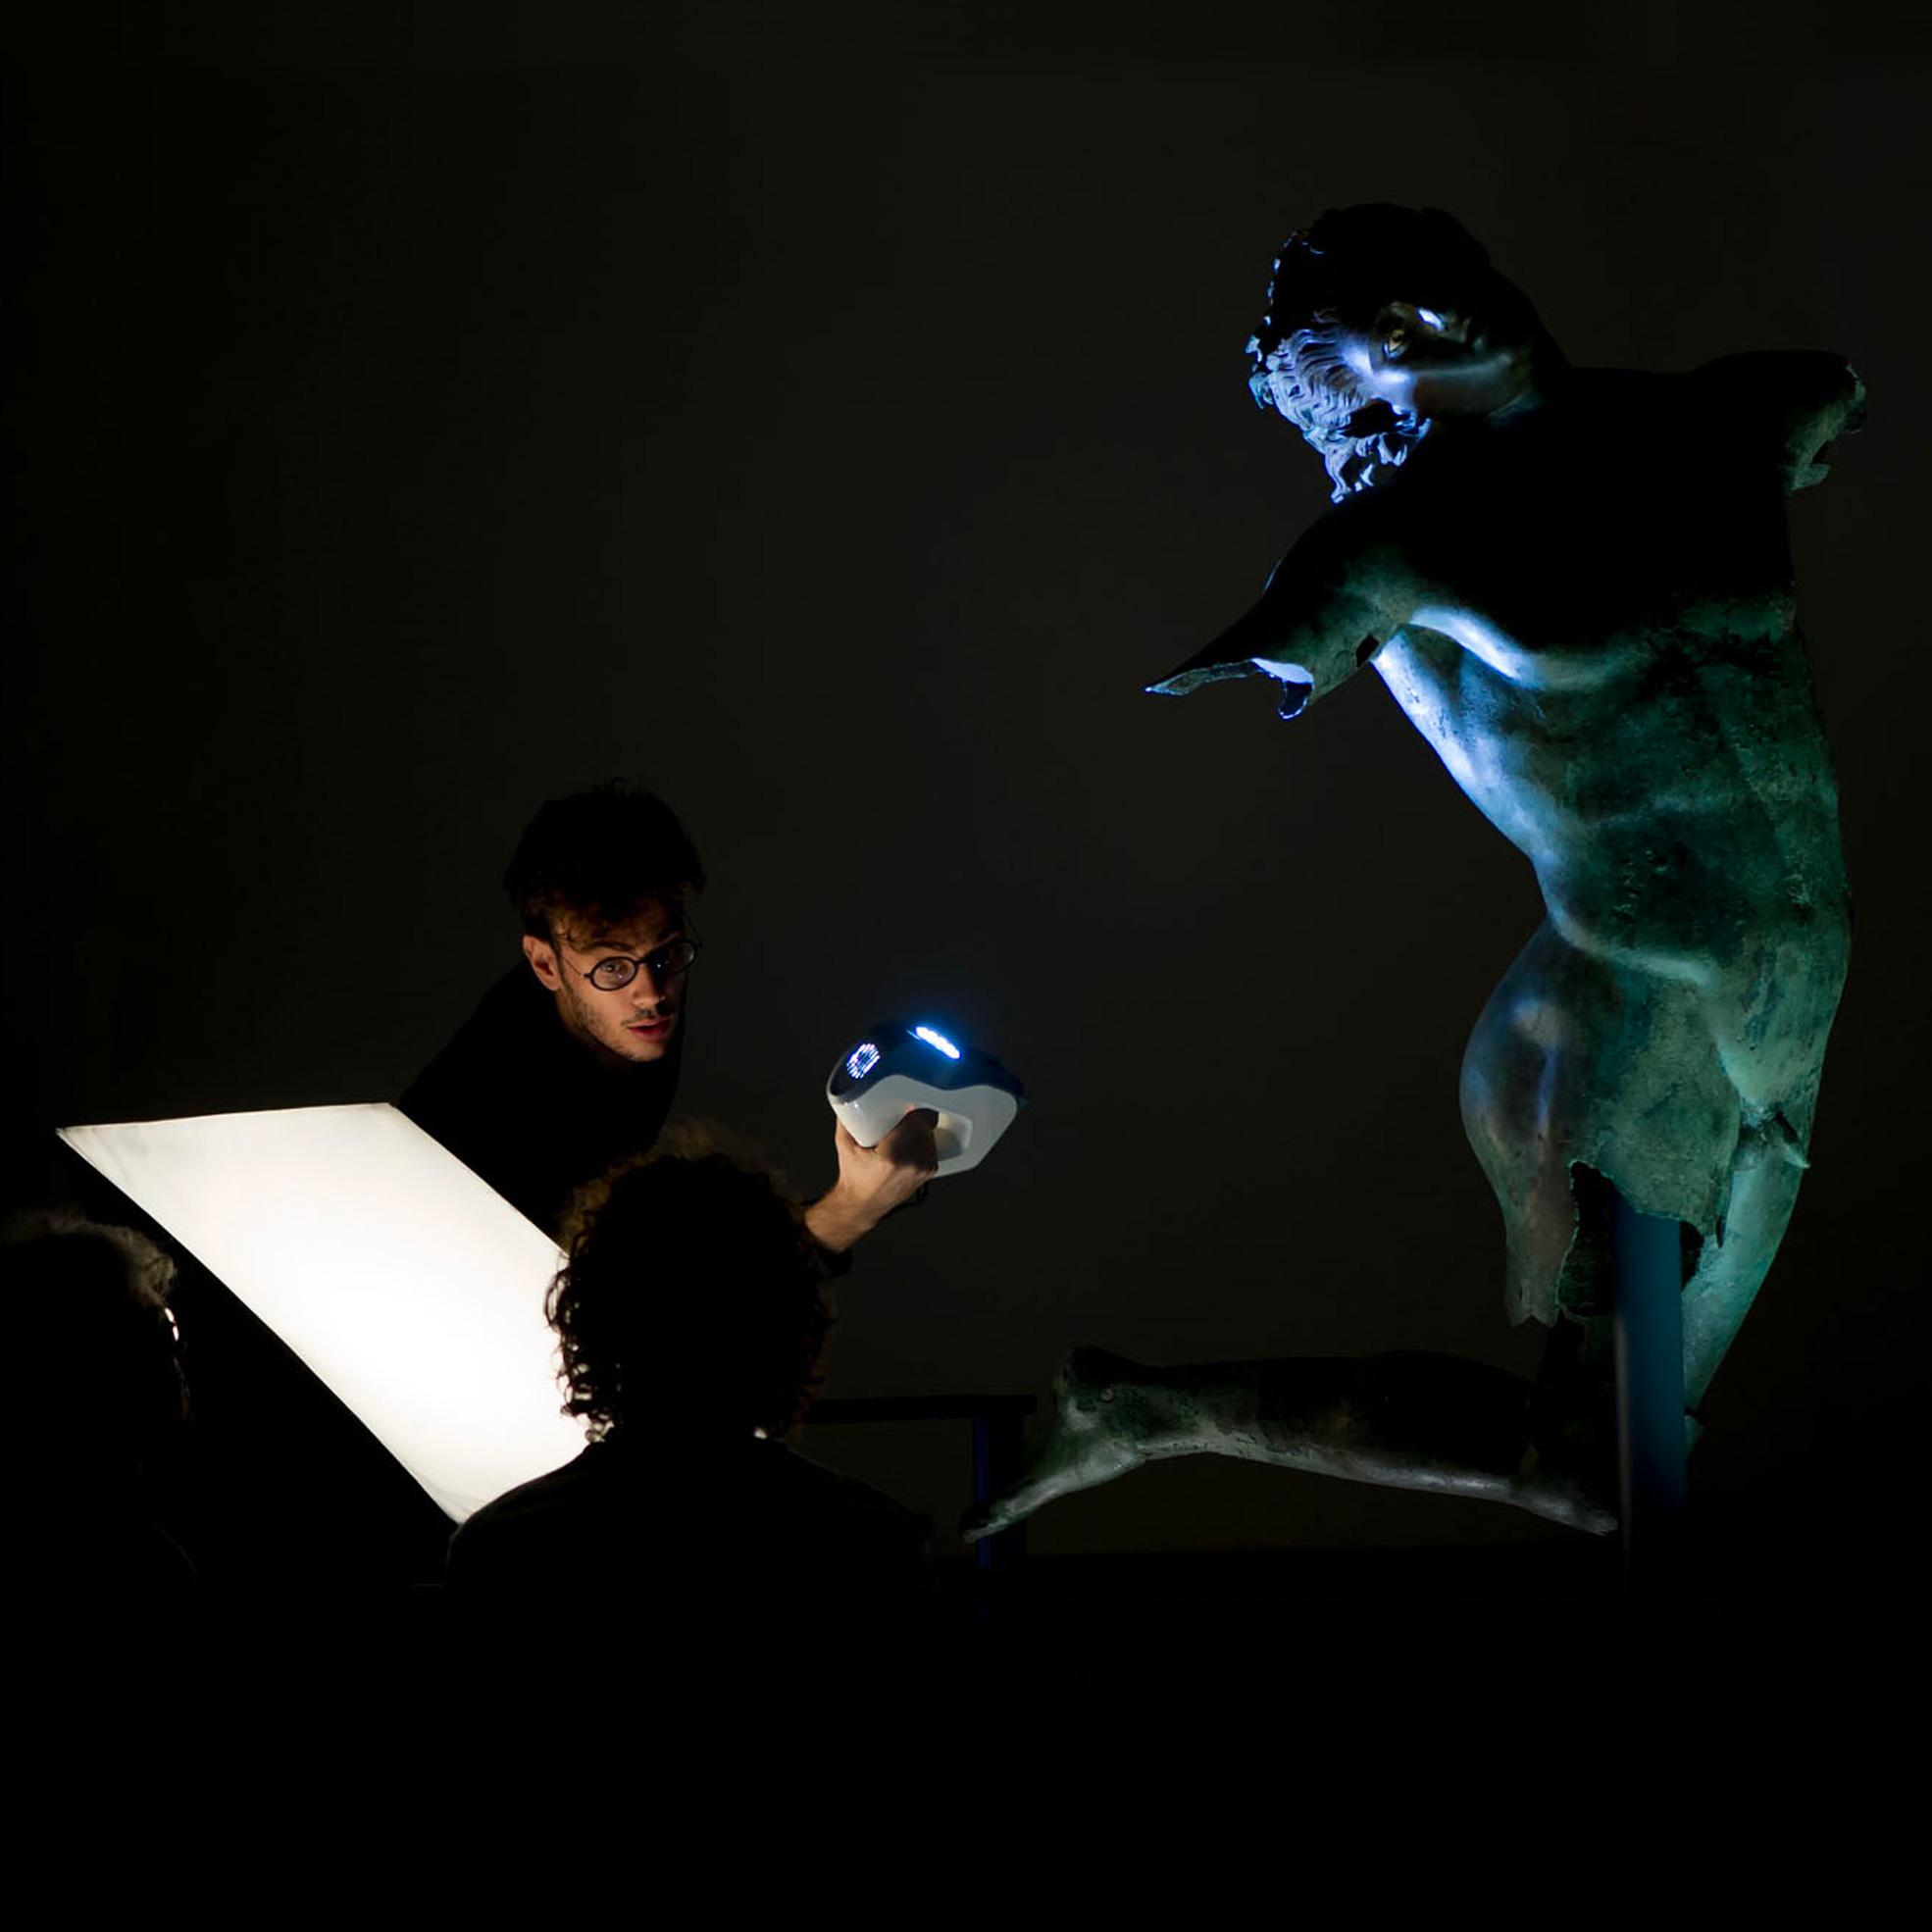 Behind Artficial Clones